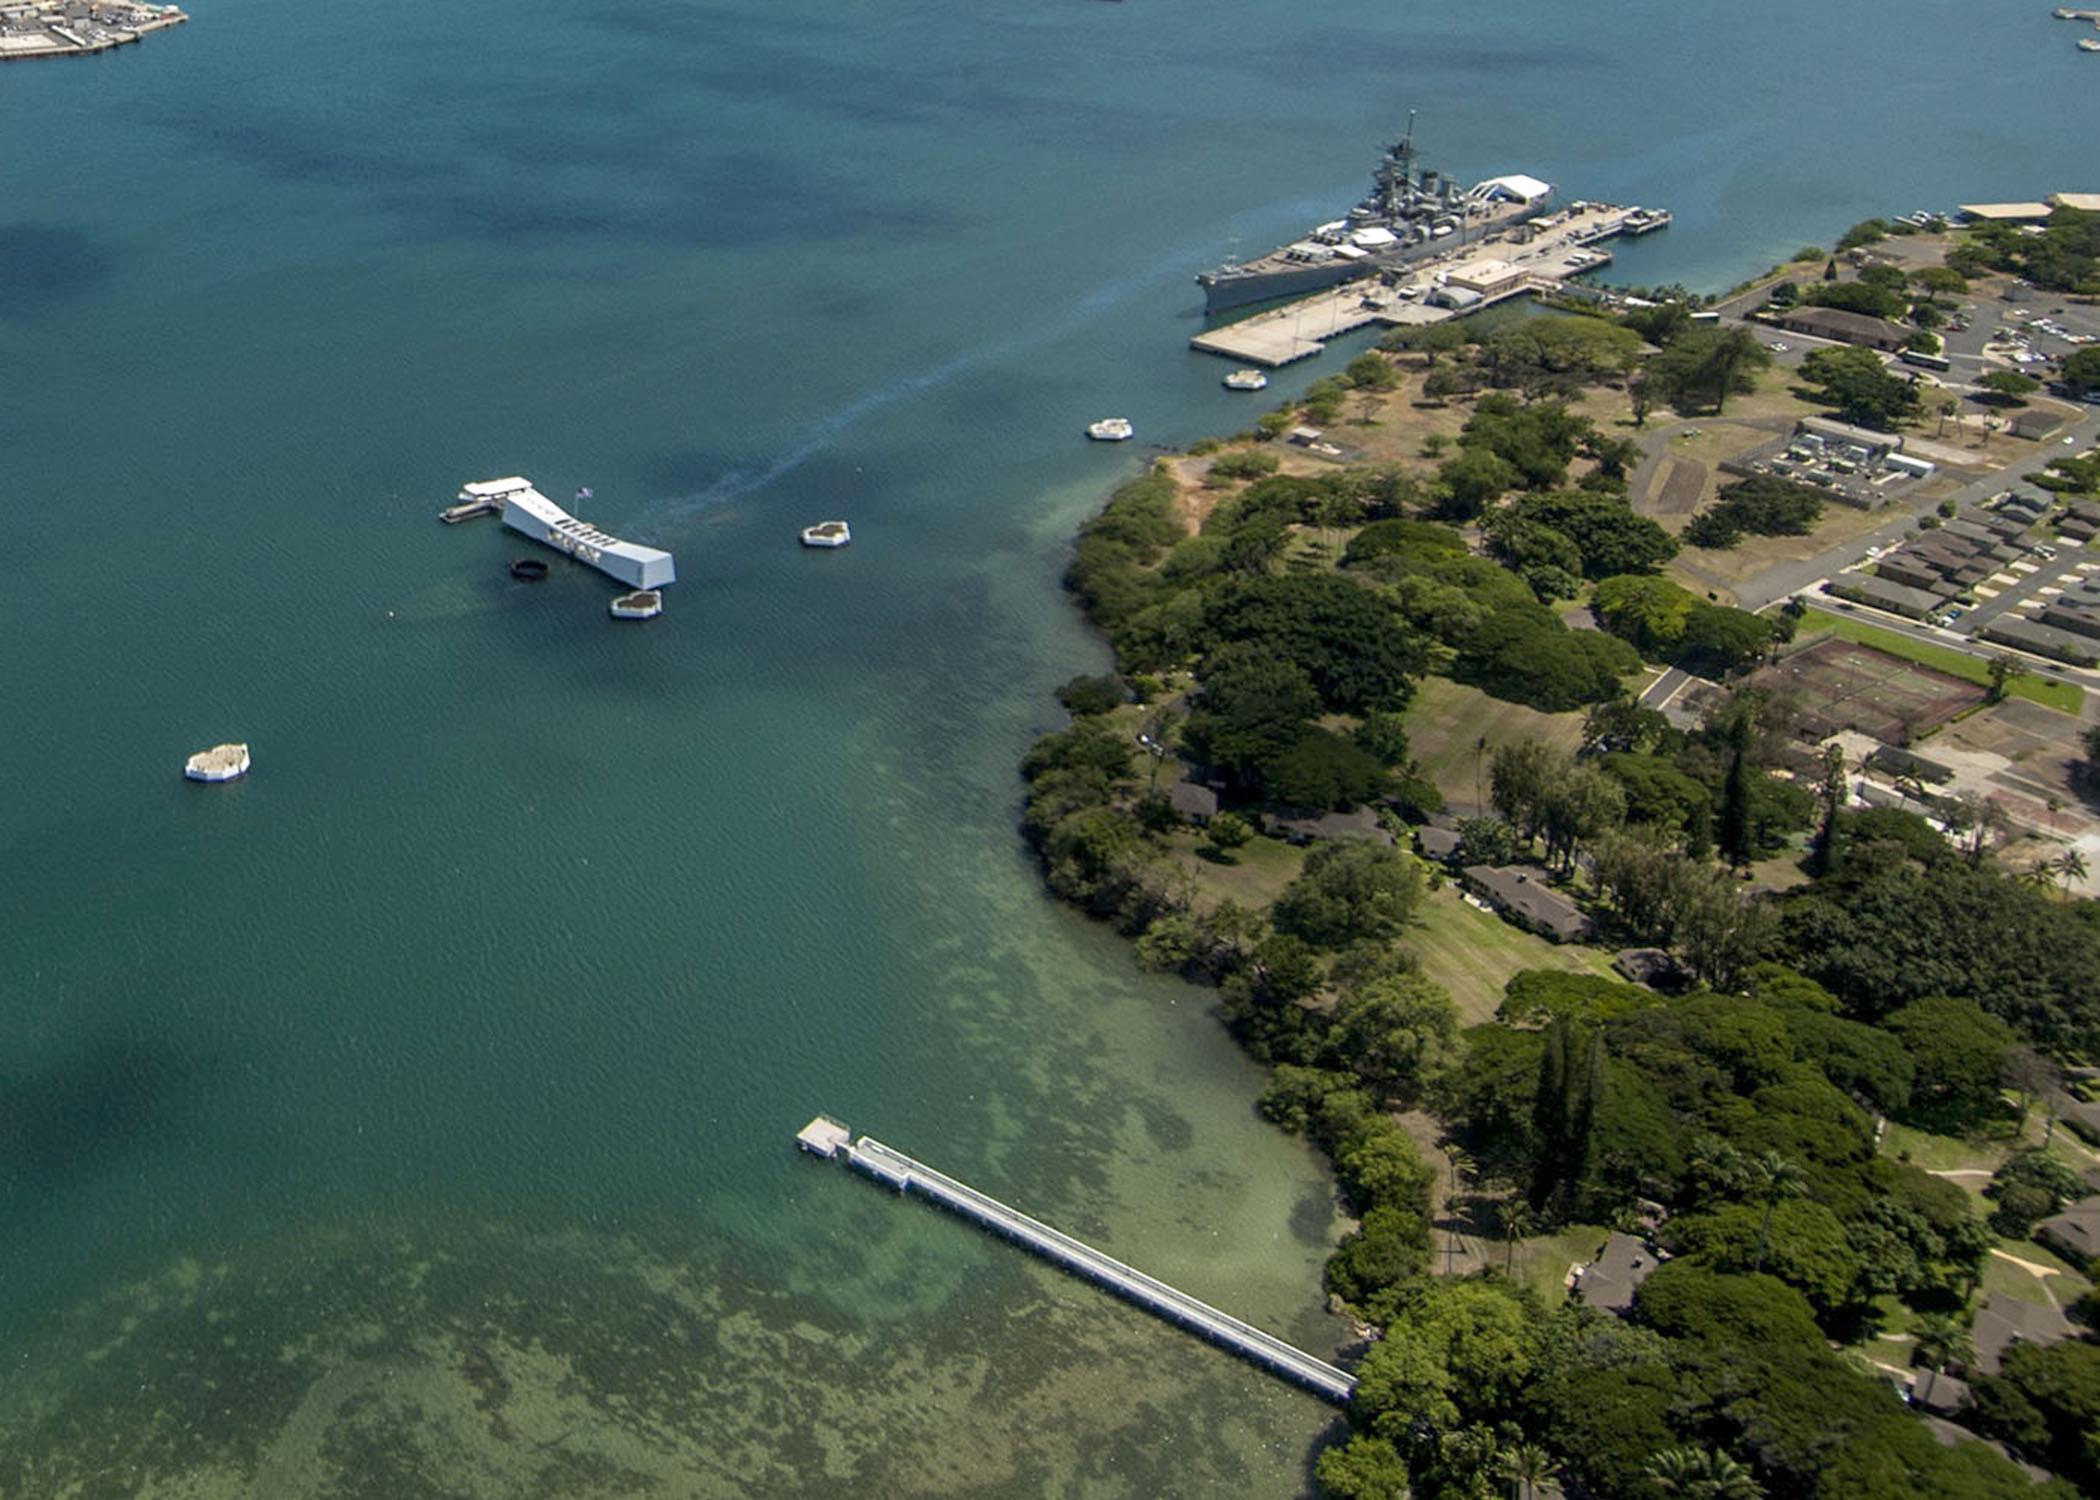 USS_Arizona_and_USS_Missouri_Memorials_aerial_view_2013.JPG